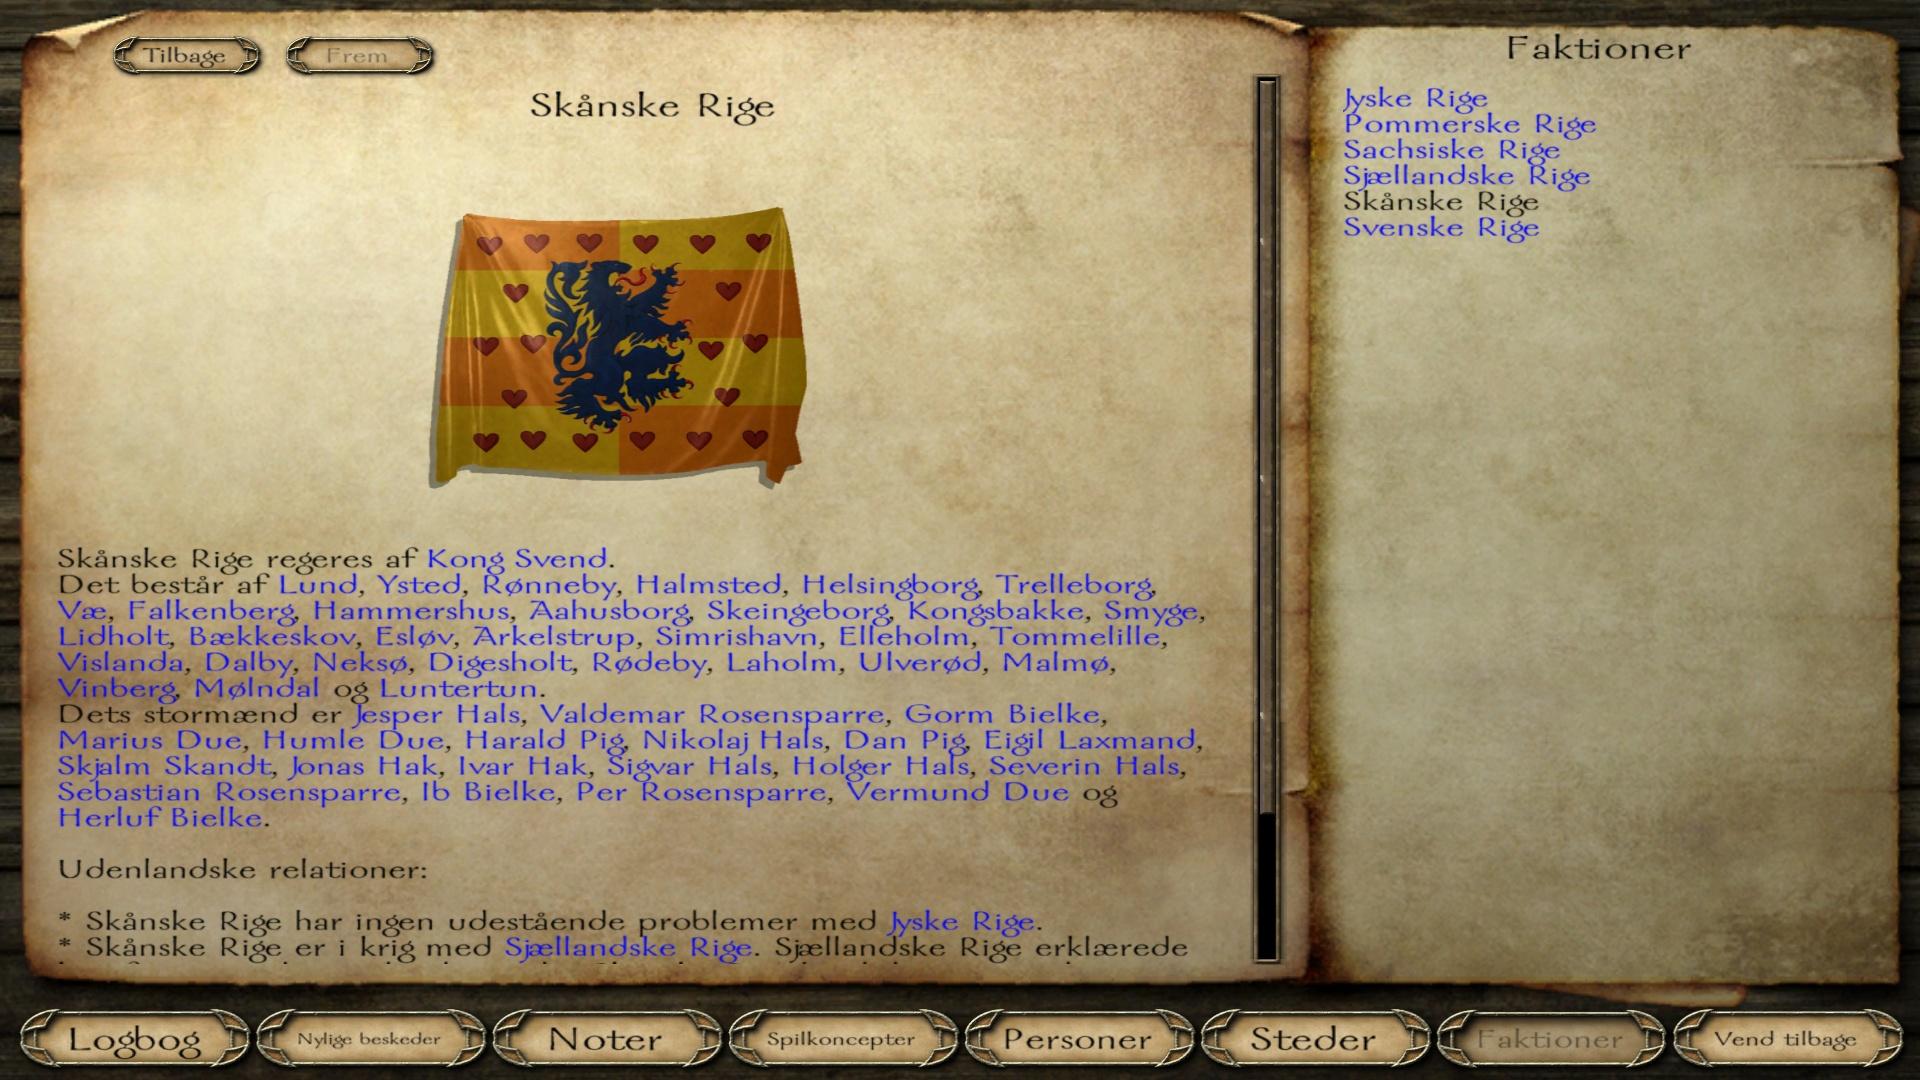 [SP][EN] Borgerkrigen 1157 (La guerra civil danesa 1157) Mb15